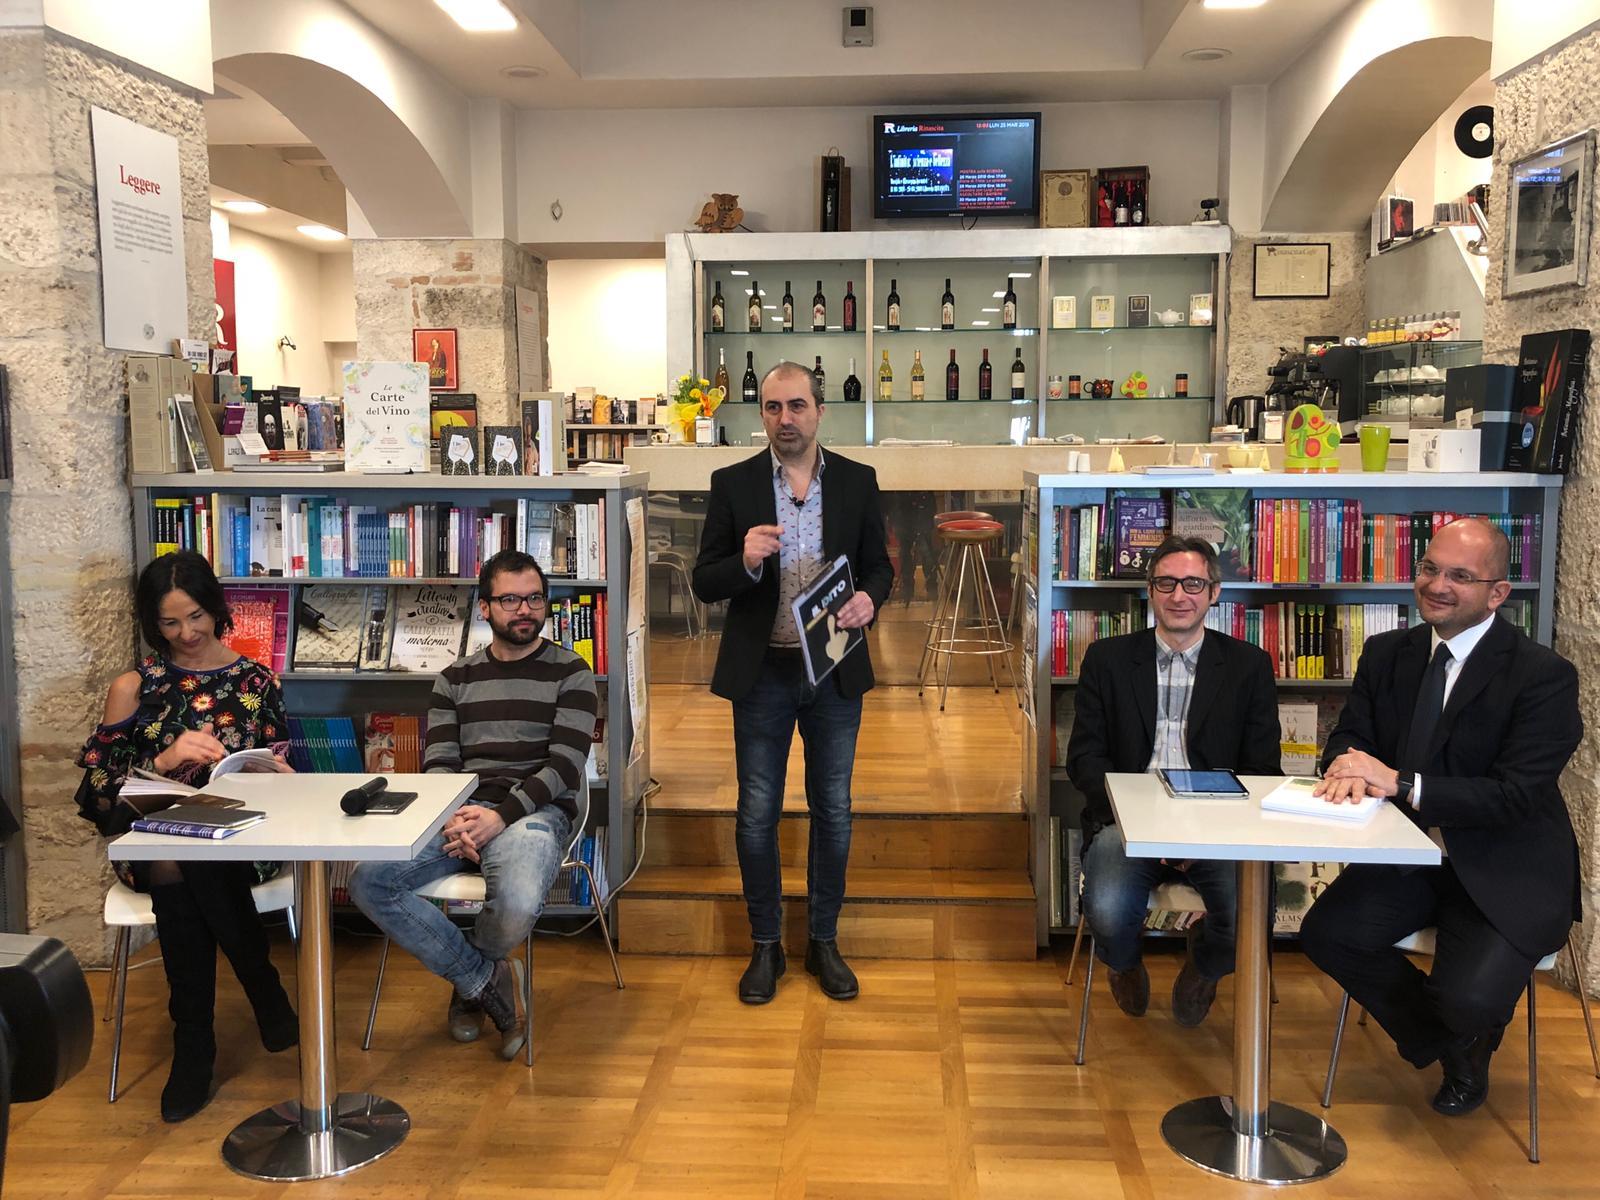 Il dito nella piaga – Puntata del 28 marzo 2019 sul resconto di fine legislatura ad Ascoli